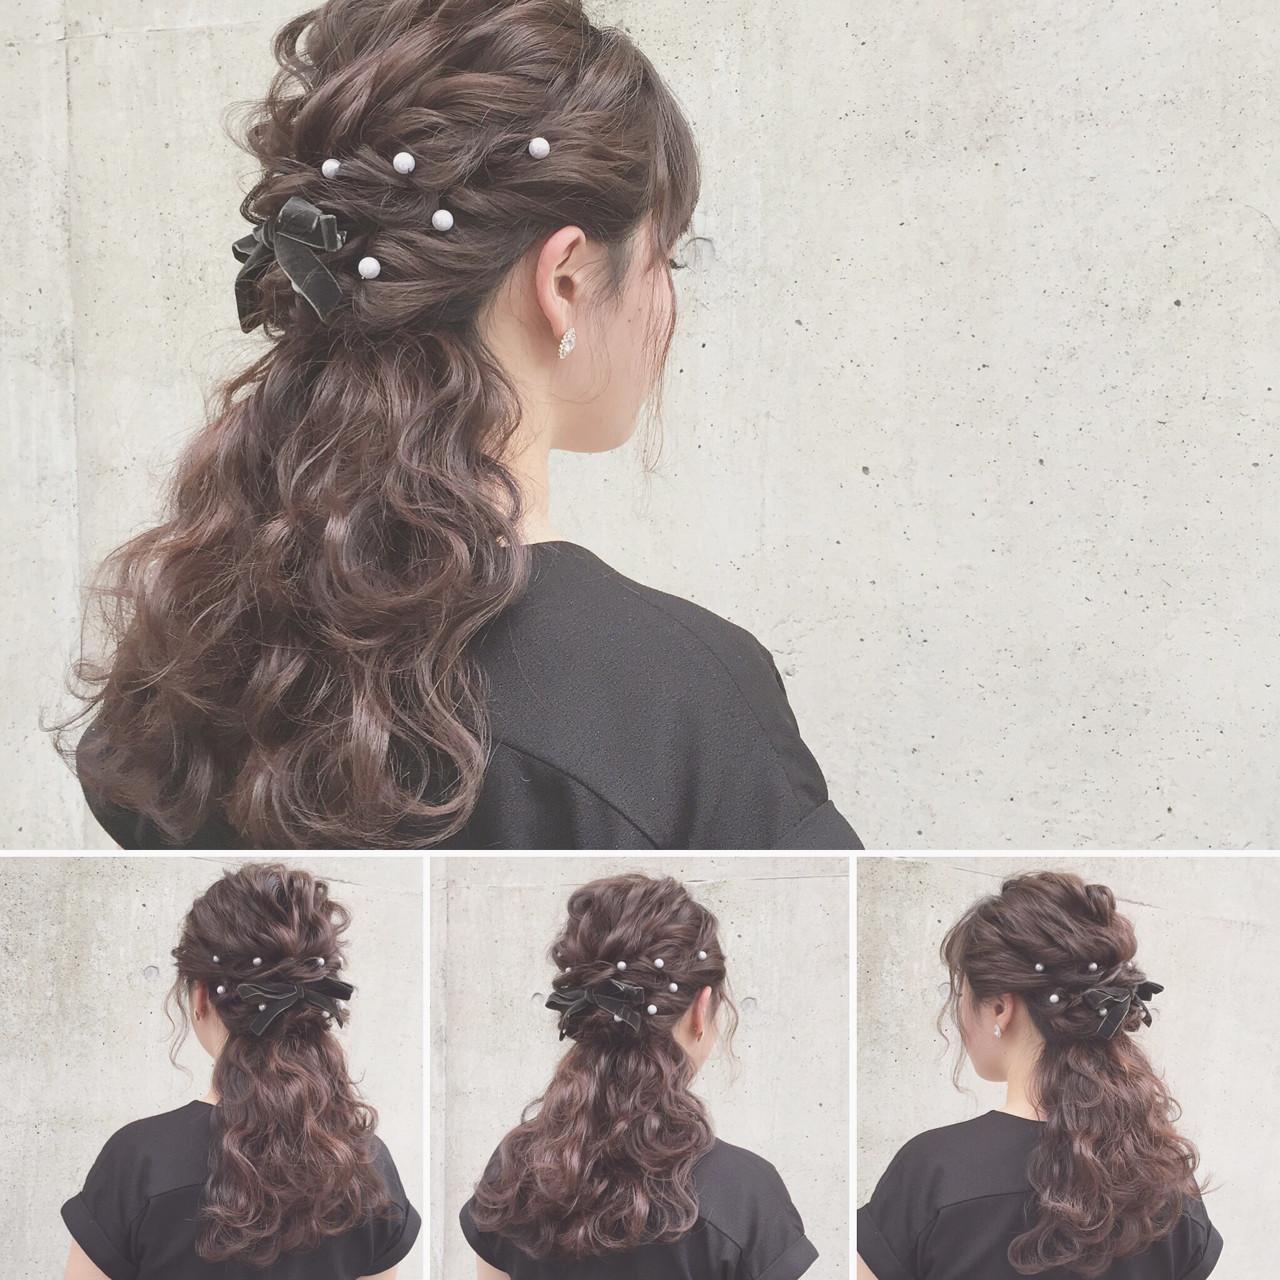 ミディアムのヘアアレンジならお手軽ハーフアップ♪シチュ別簡単テク Kaneko Mayumi